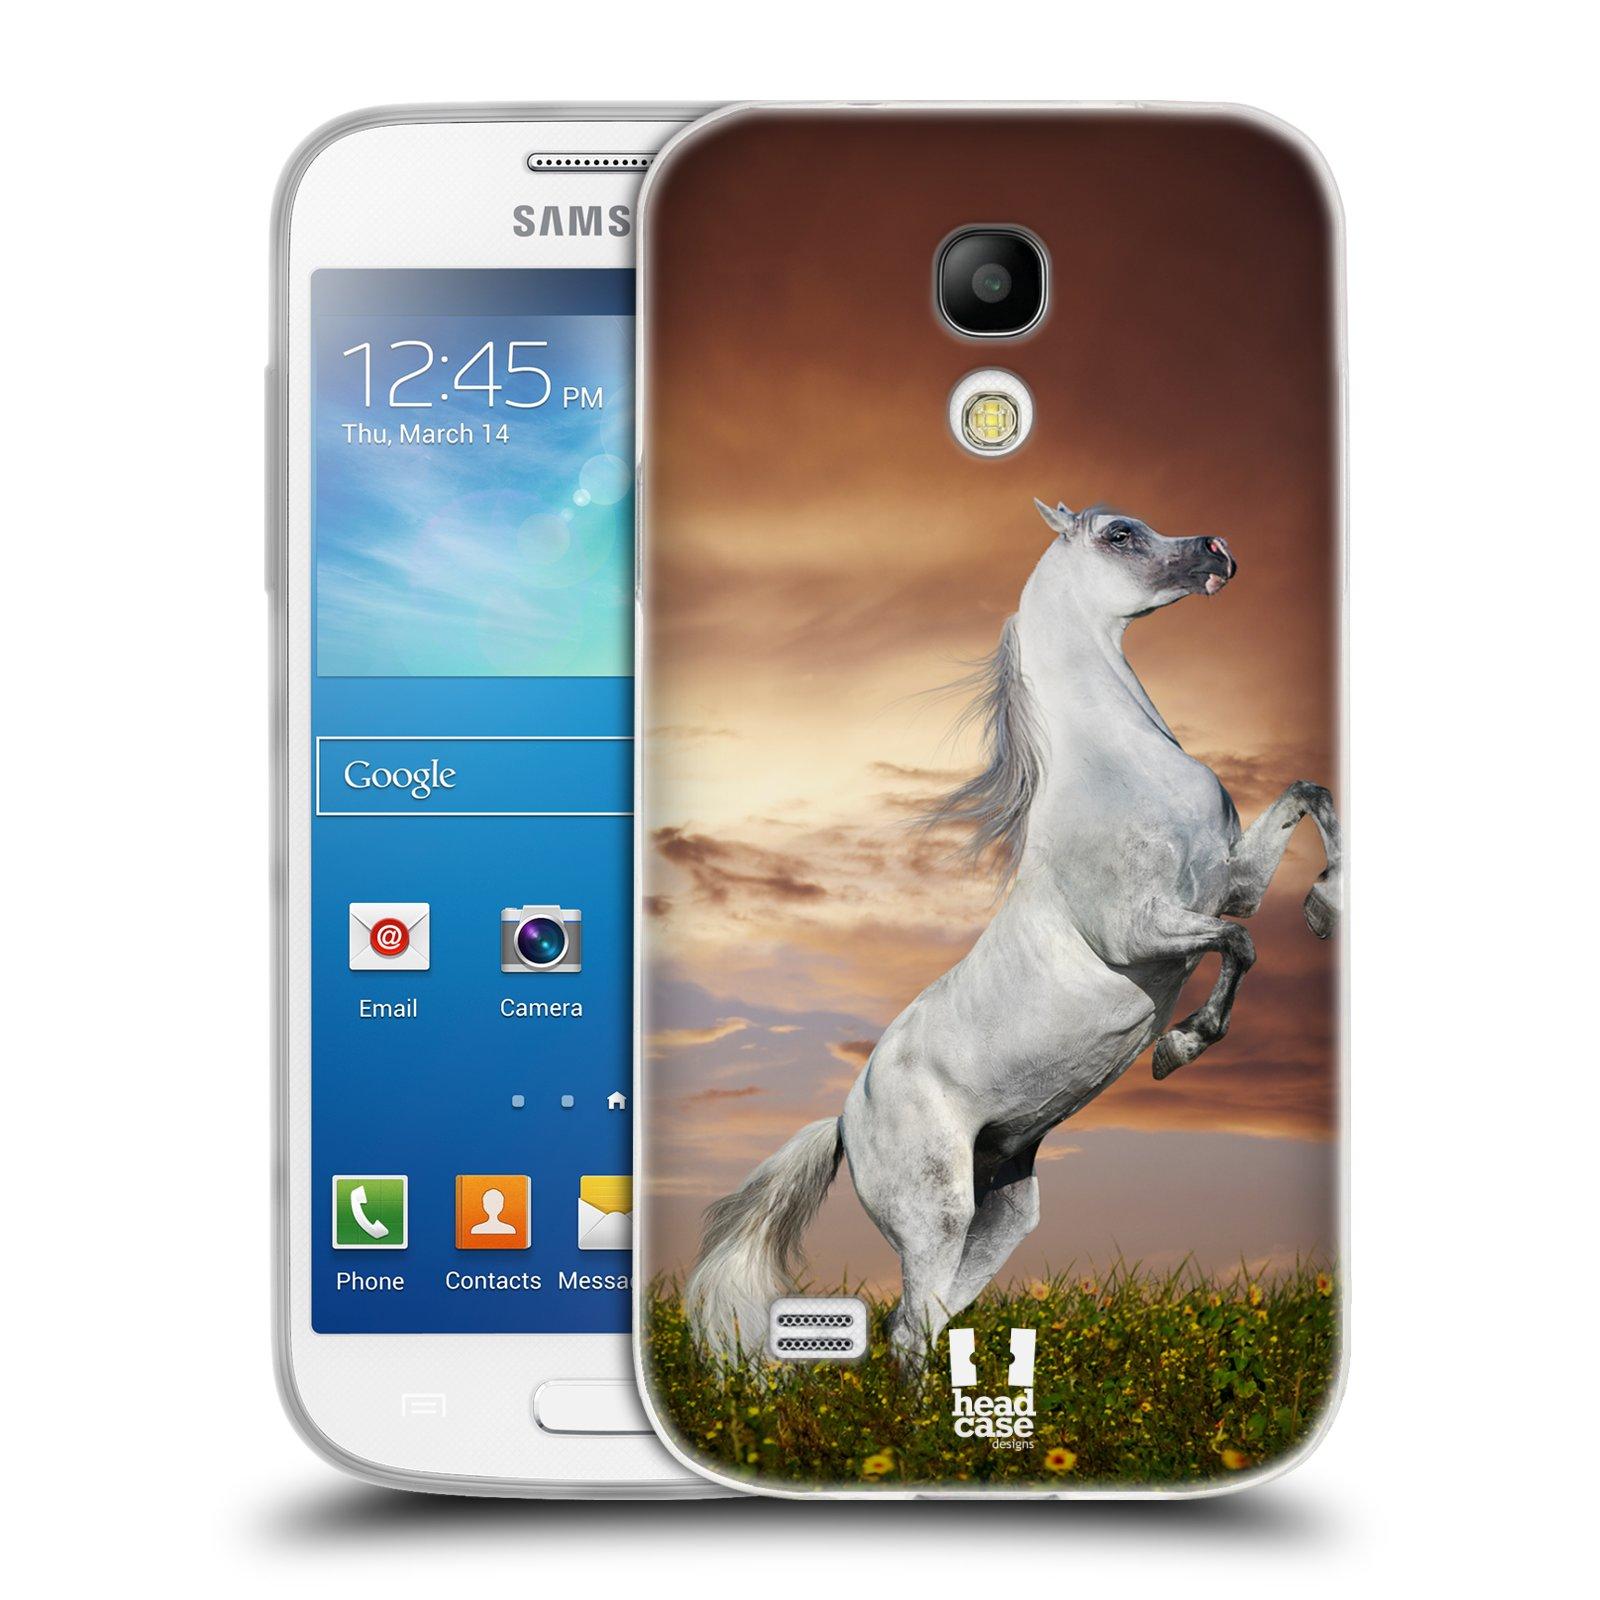 HEAD CASE silikonový obal na mobil Samsung Galaxy S4 MINI vzor Divočina, Divoký život a zvířata foto DIVOKÝ KŮŇ MUSTANG BÍLÁ